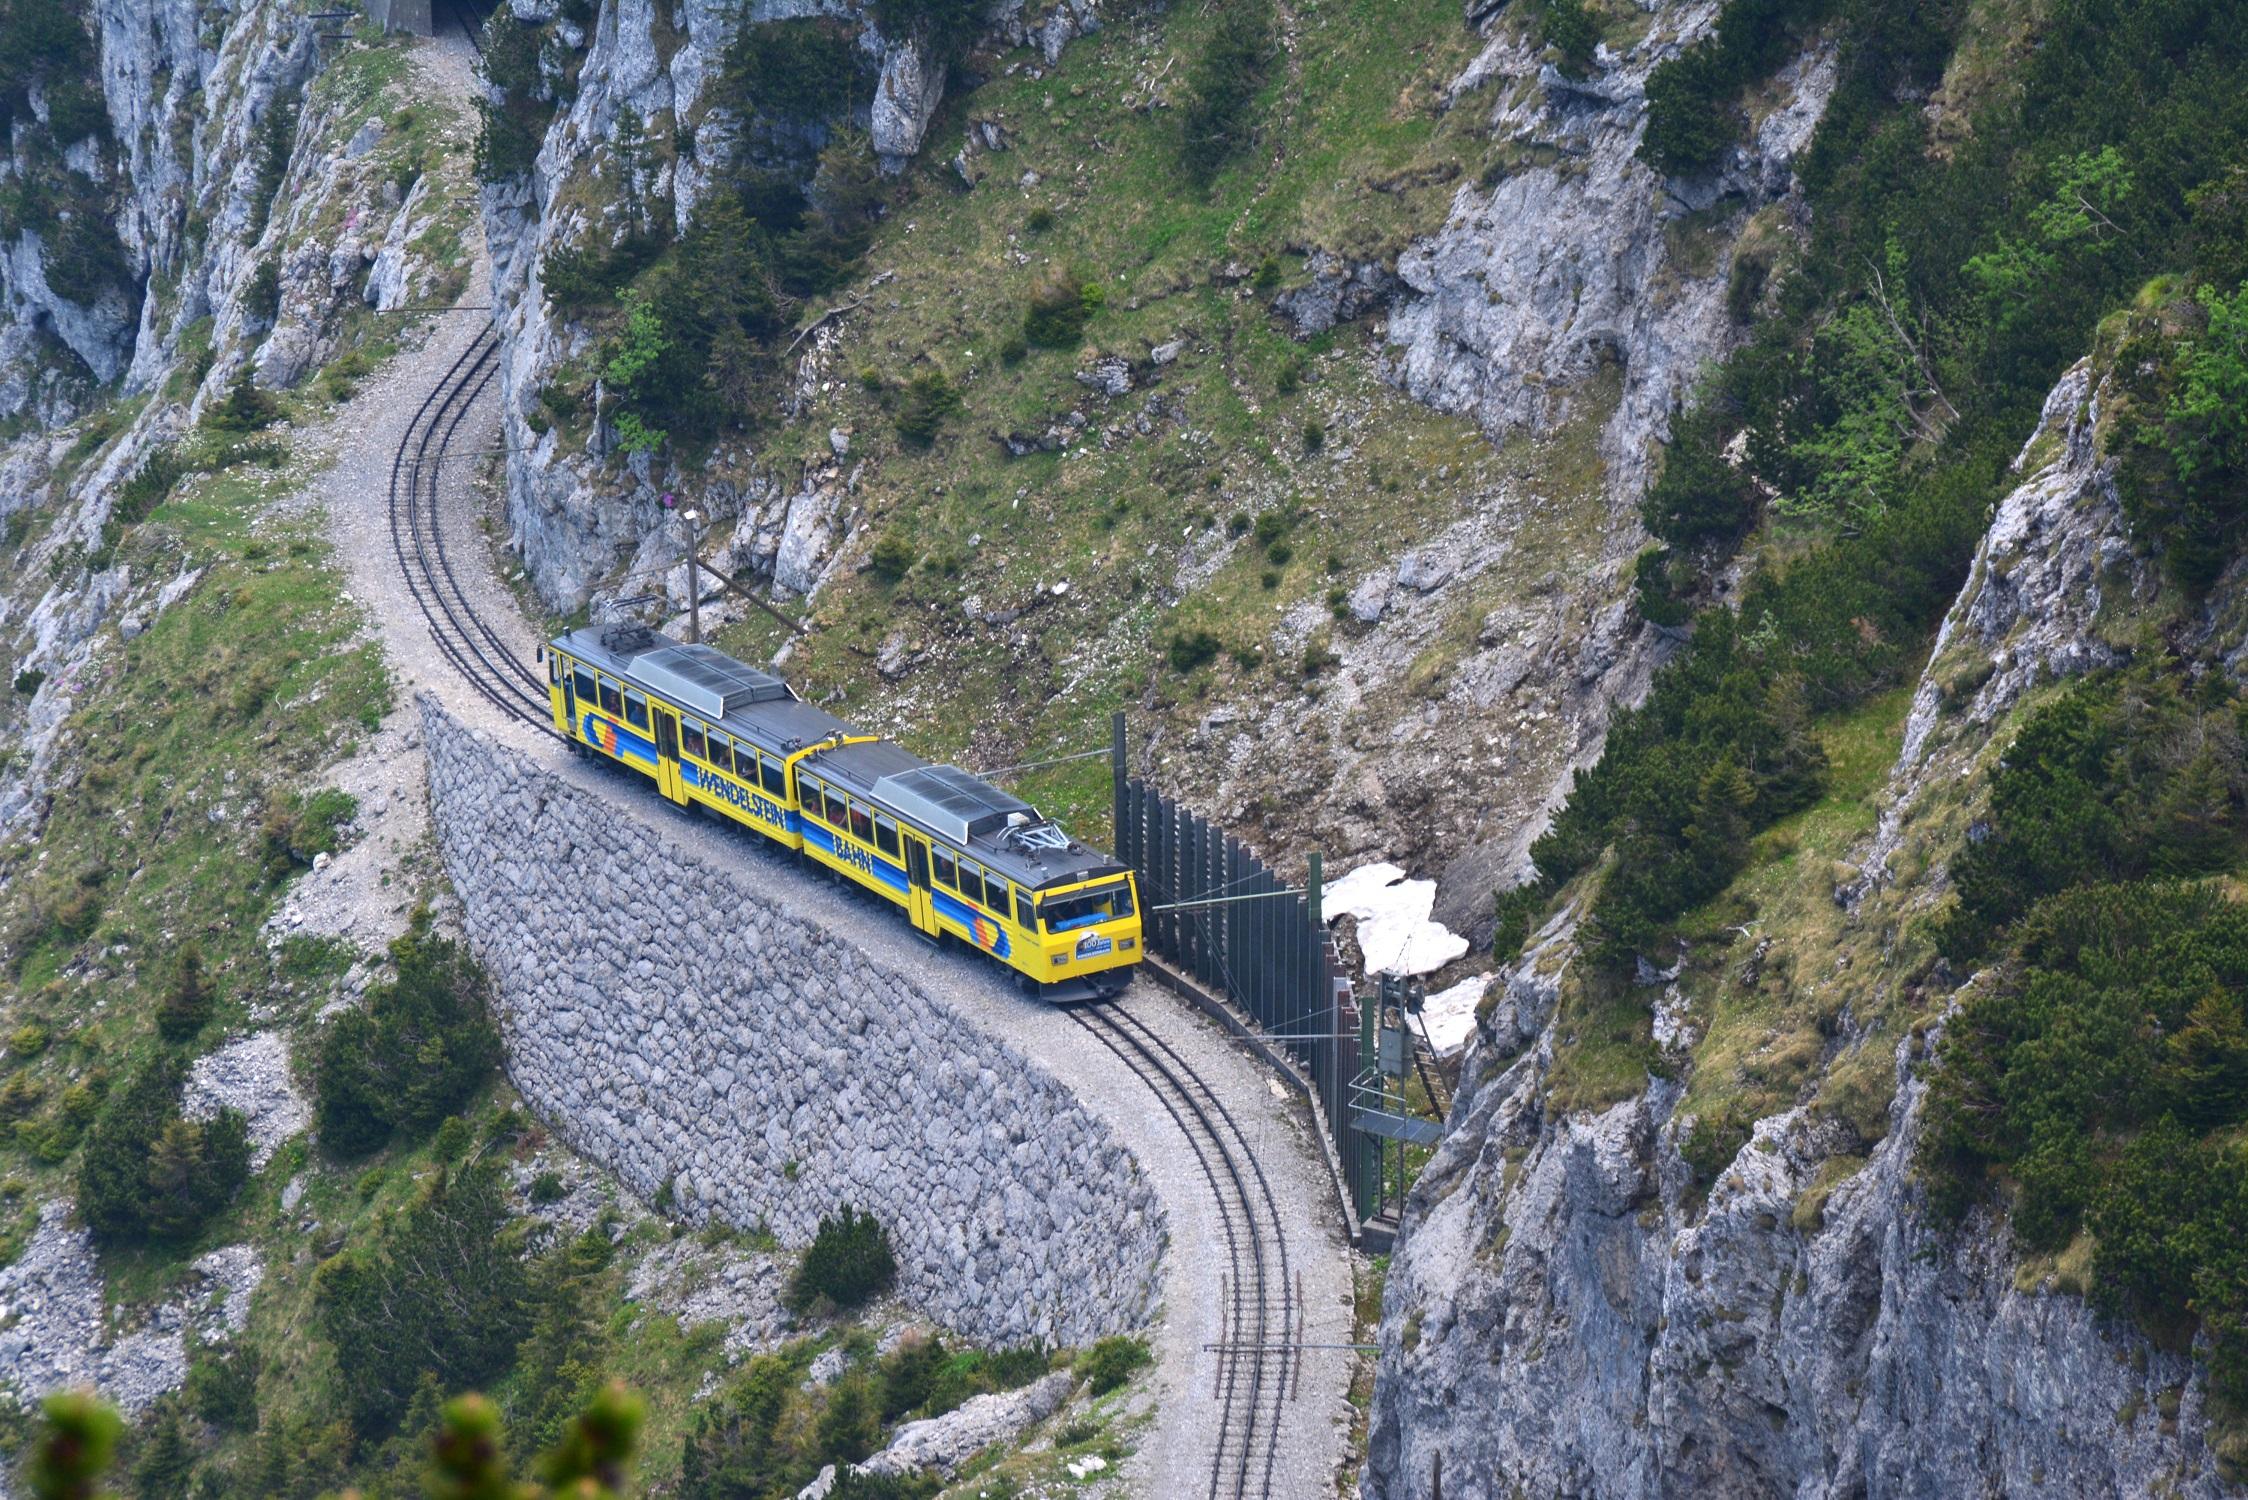 13 Eisenbahnfreunde Kraichgau Chiemsee Wendelstein-Bahn 04